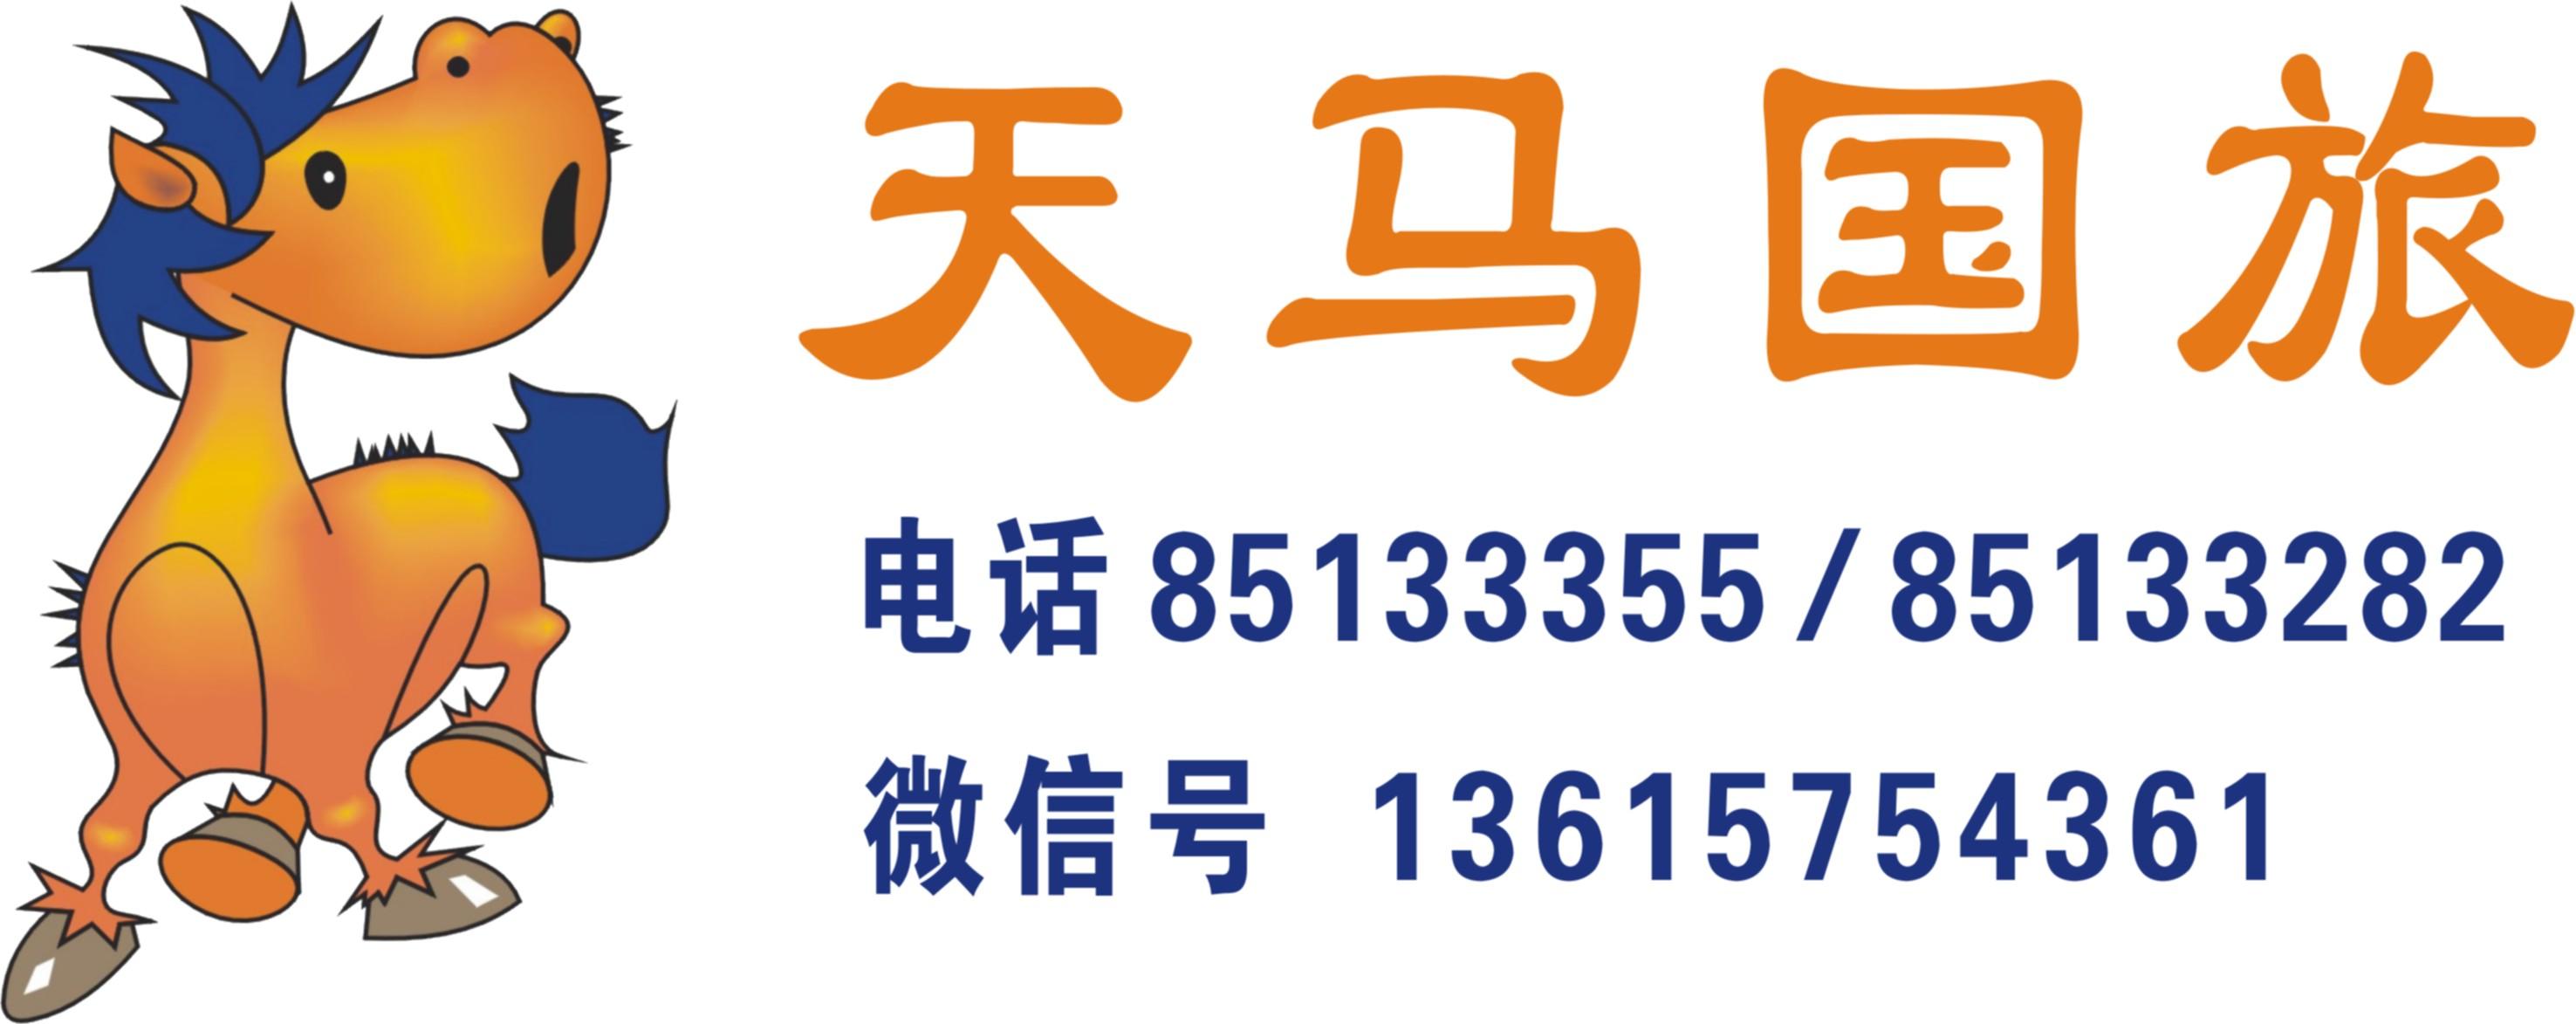 4.24【夕阳红苏州寒山寺、薛家花园、灵山、三国水浒三日】